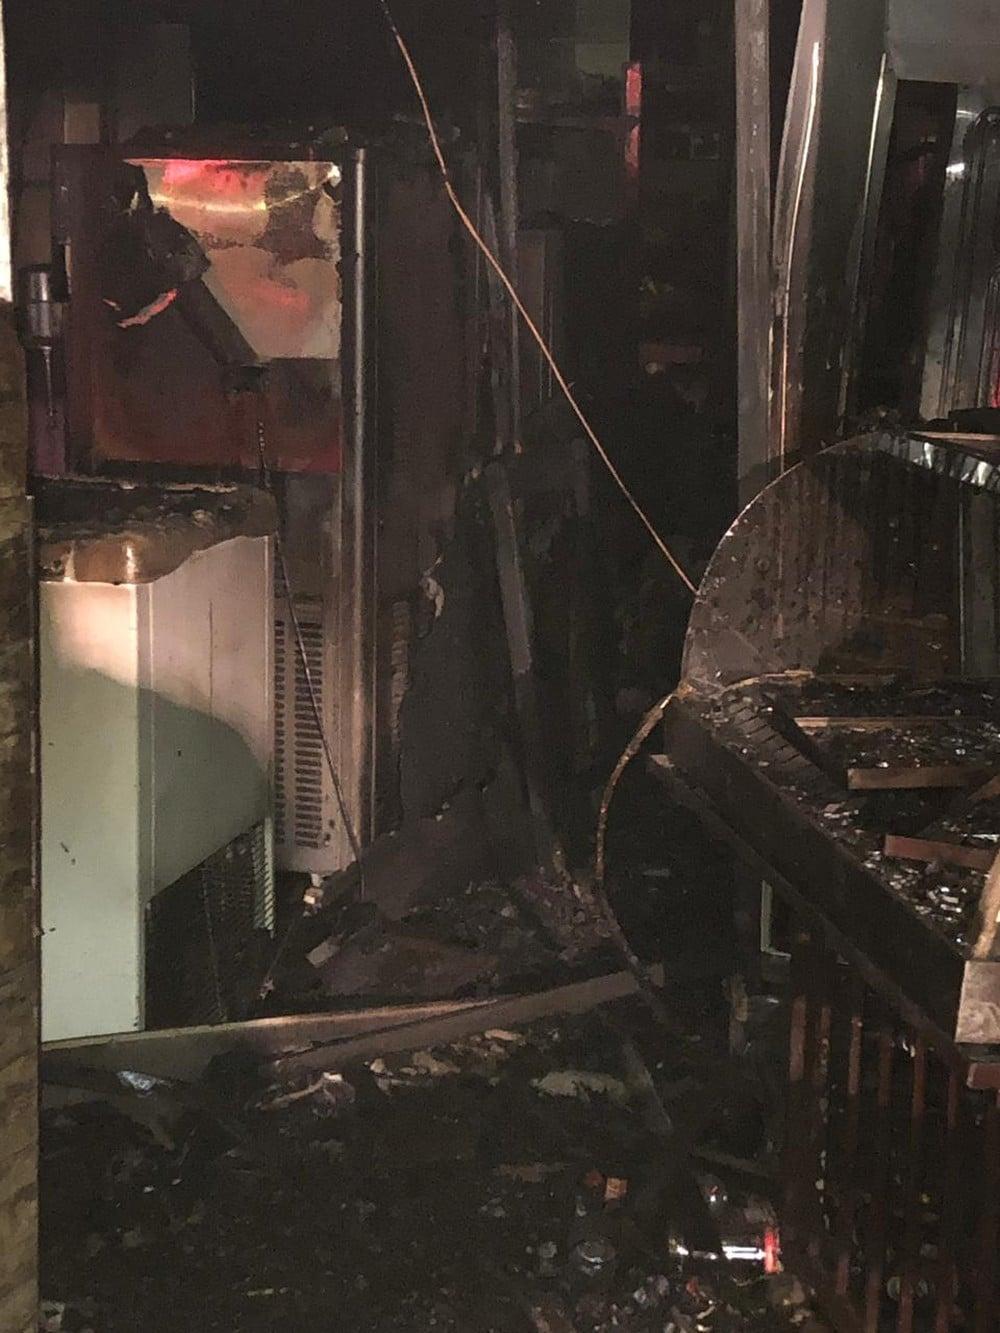 Polícia Civil irá investigar o que teria provocado o incêndio dentro do estabelecimento em Marília. — Foto: Marília Notícia/Divulgação